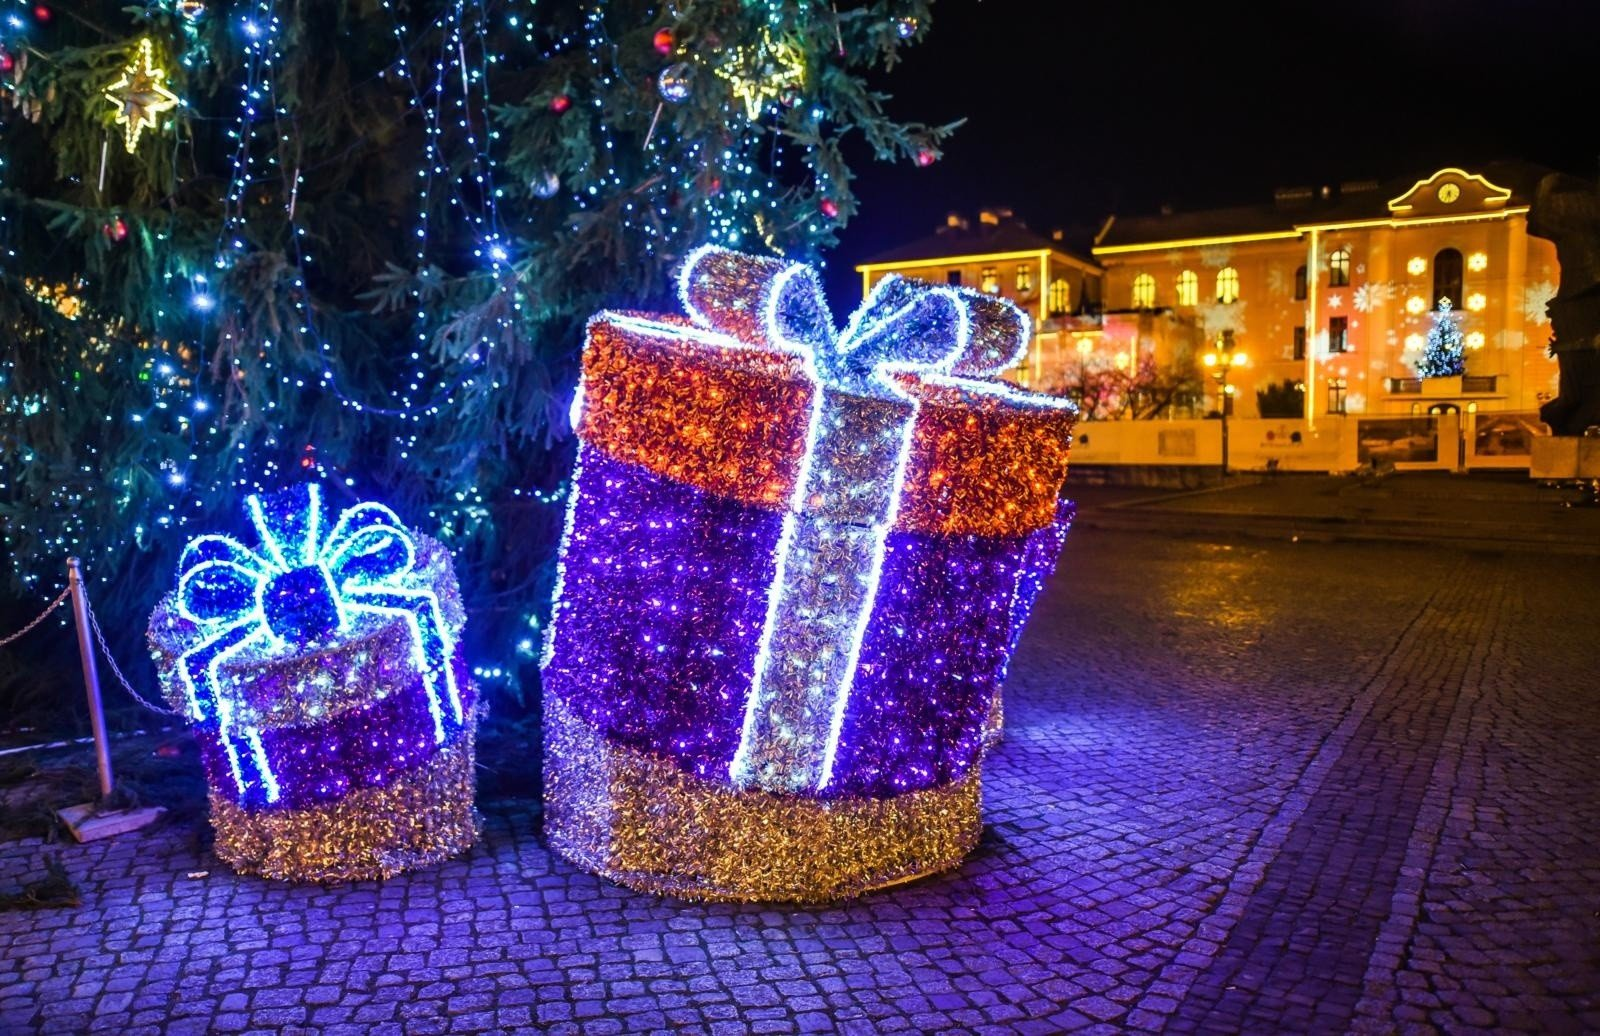 święta Bożego Narodzenia życzenia Wiersze Kartki